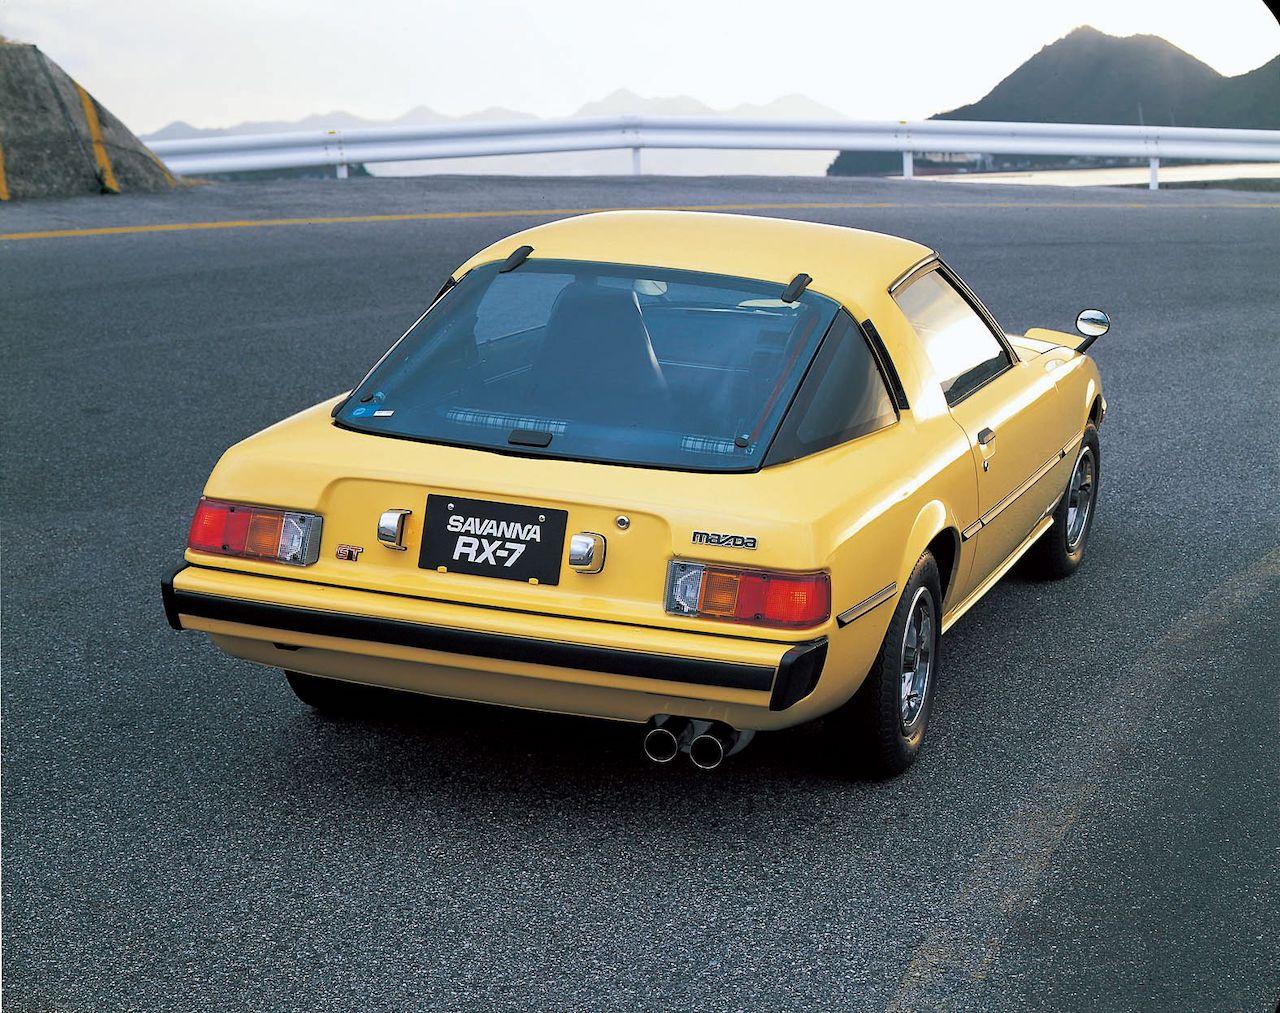 60 Years of groundbreaking Mazda Coupes